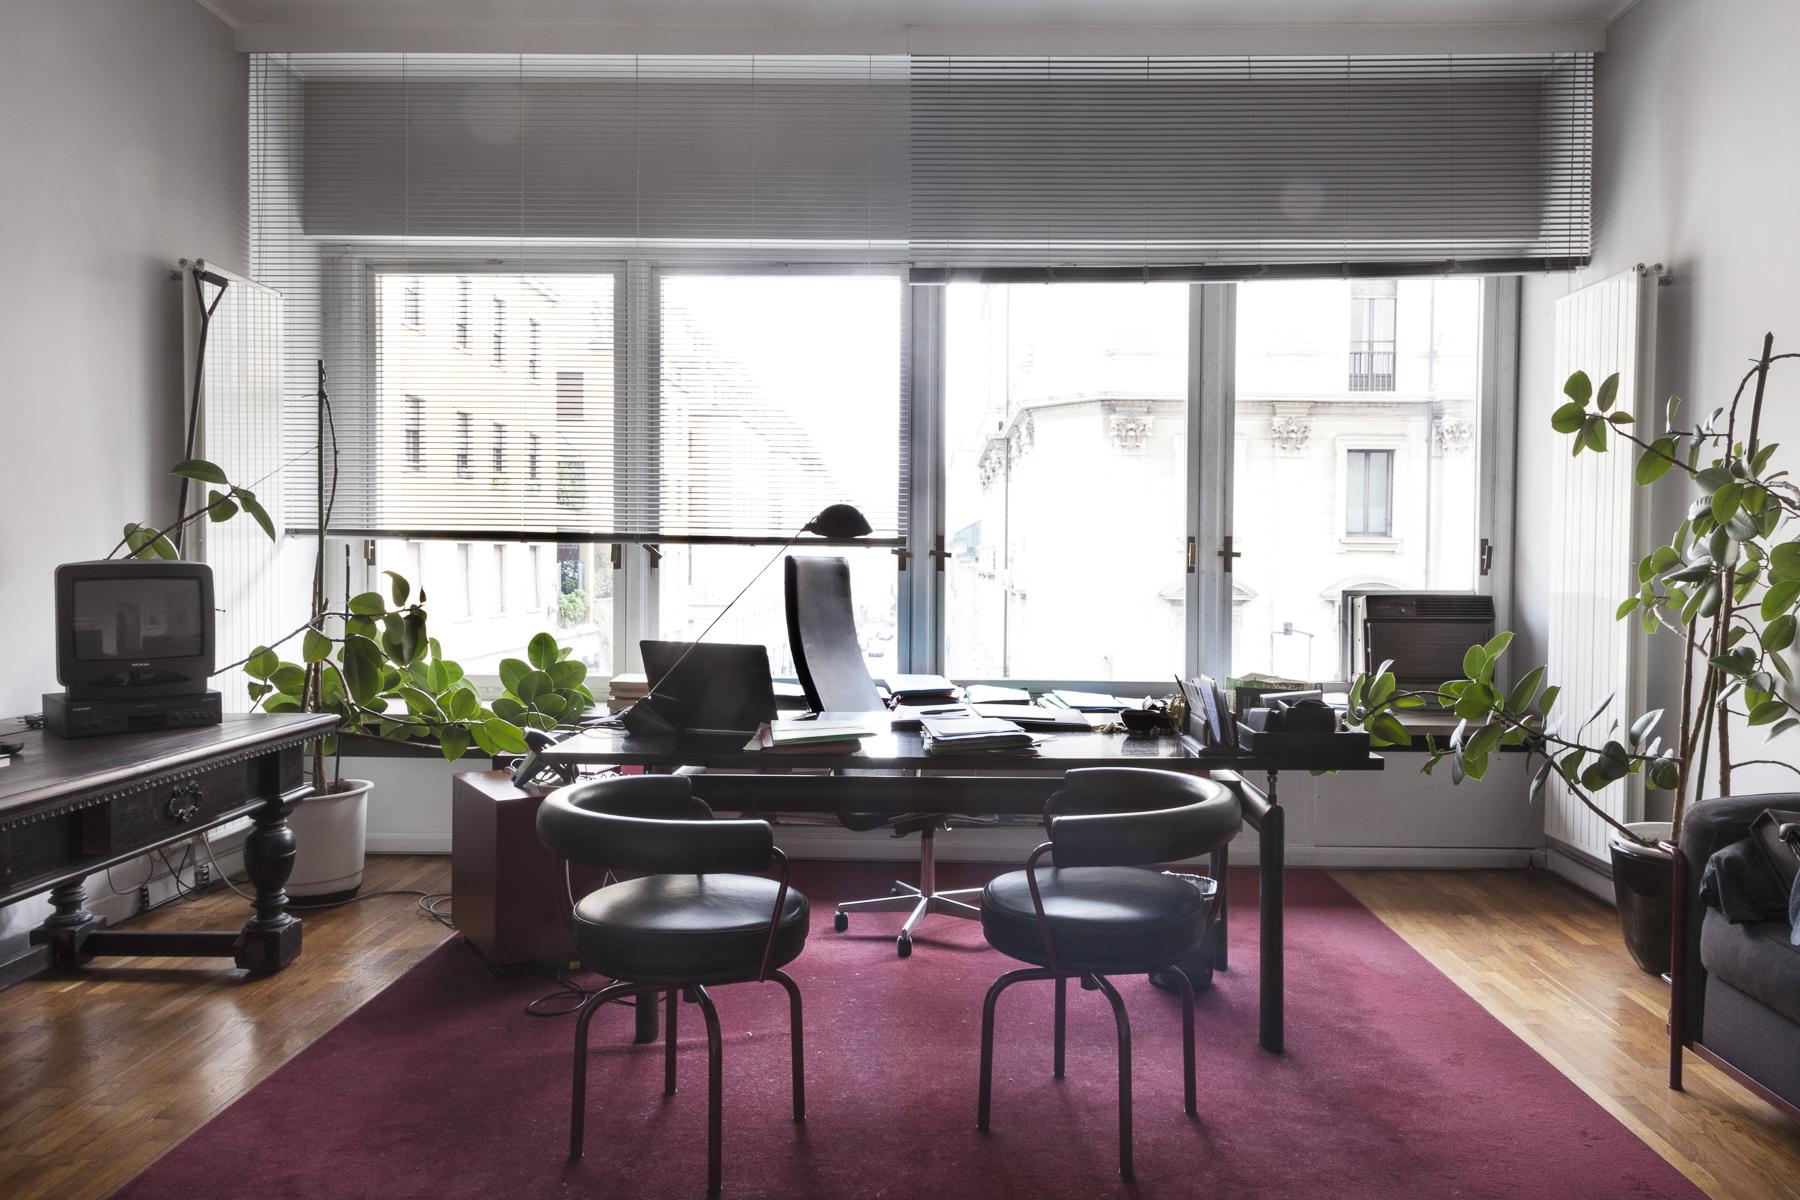 Ufficio-studio in Vendita a Torino corso giacomo matteotti